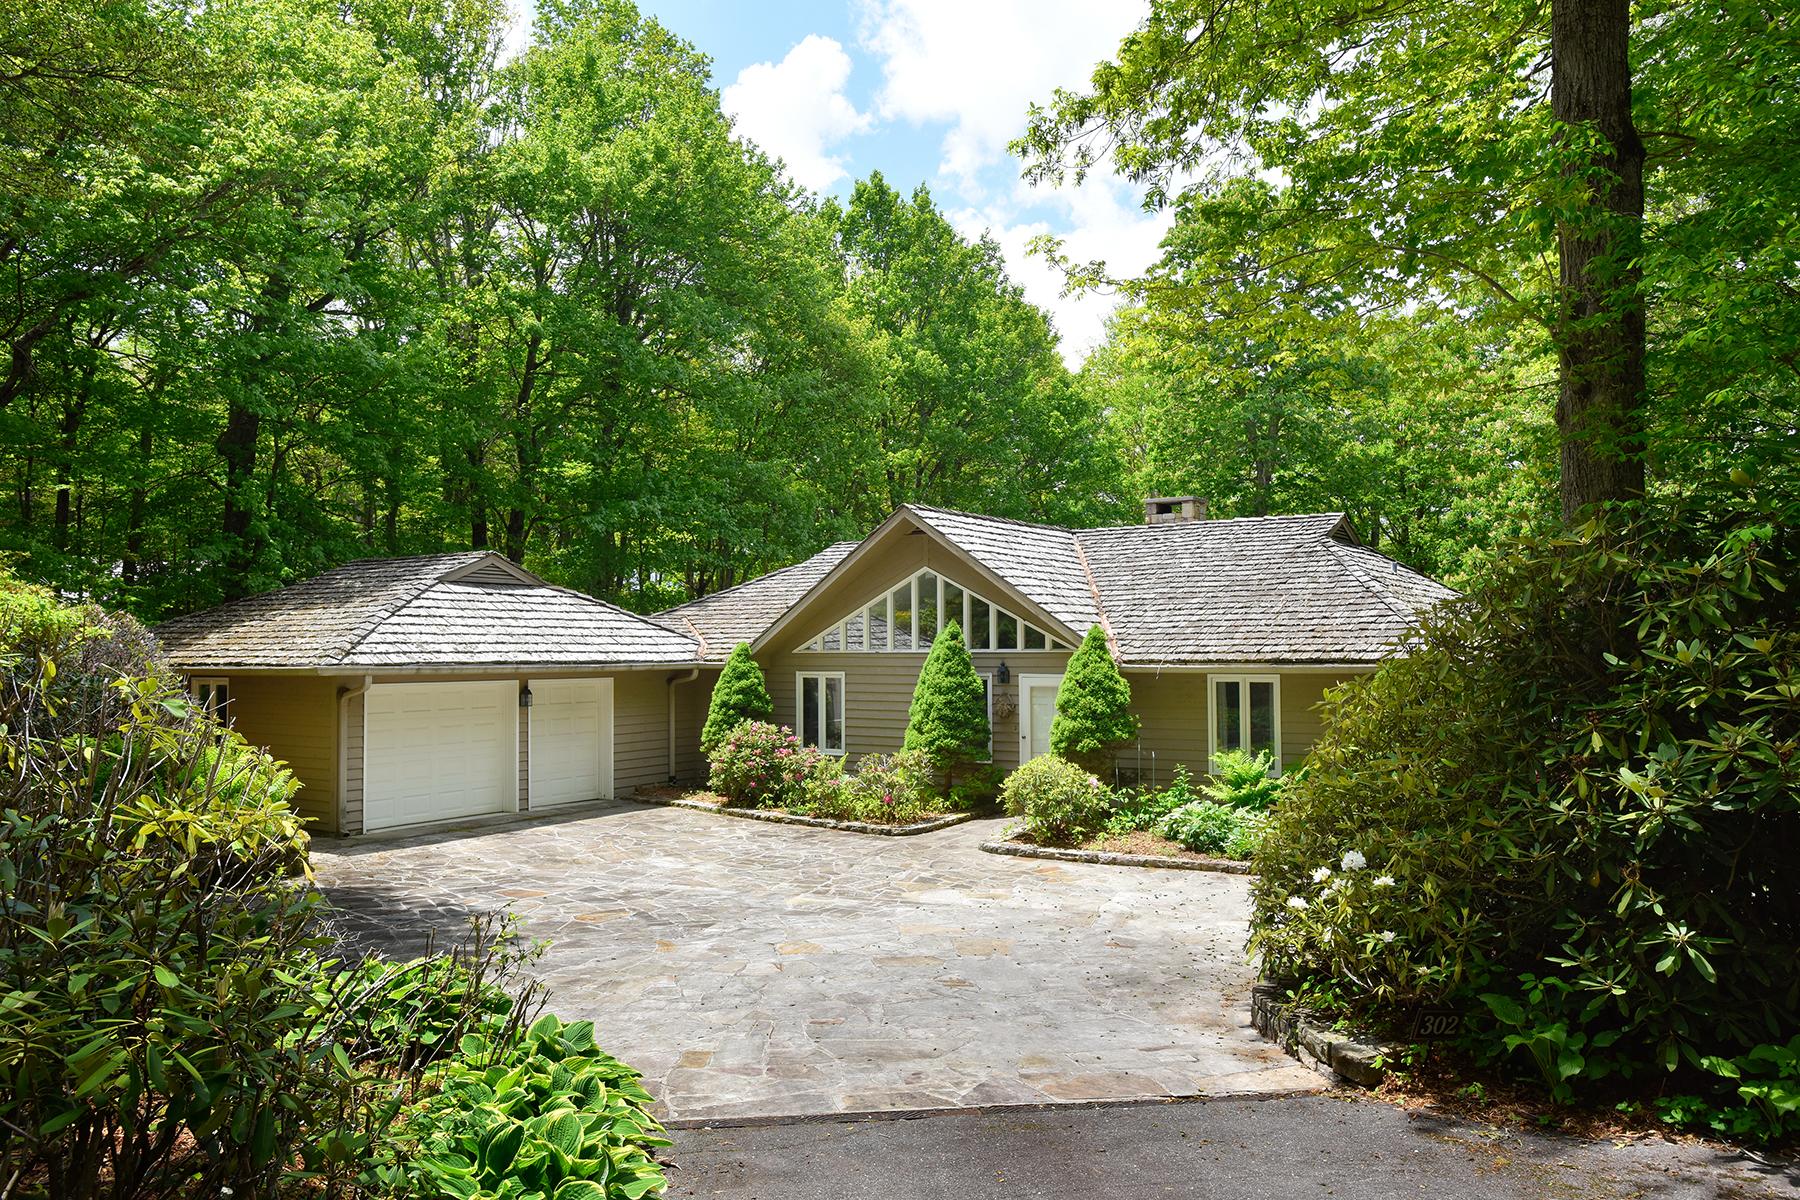 Maison unifamiliale pour l Vente à LINVILLE - LINVILLE RIDGE 302 Dam Trail 3 Linville, Carolina Du Nord, 28646 États-Unis